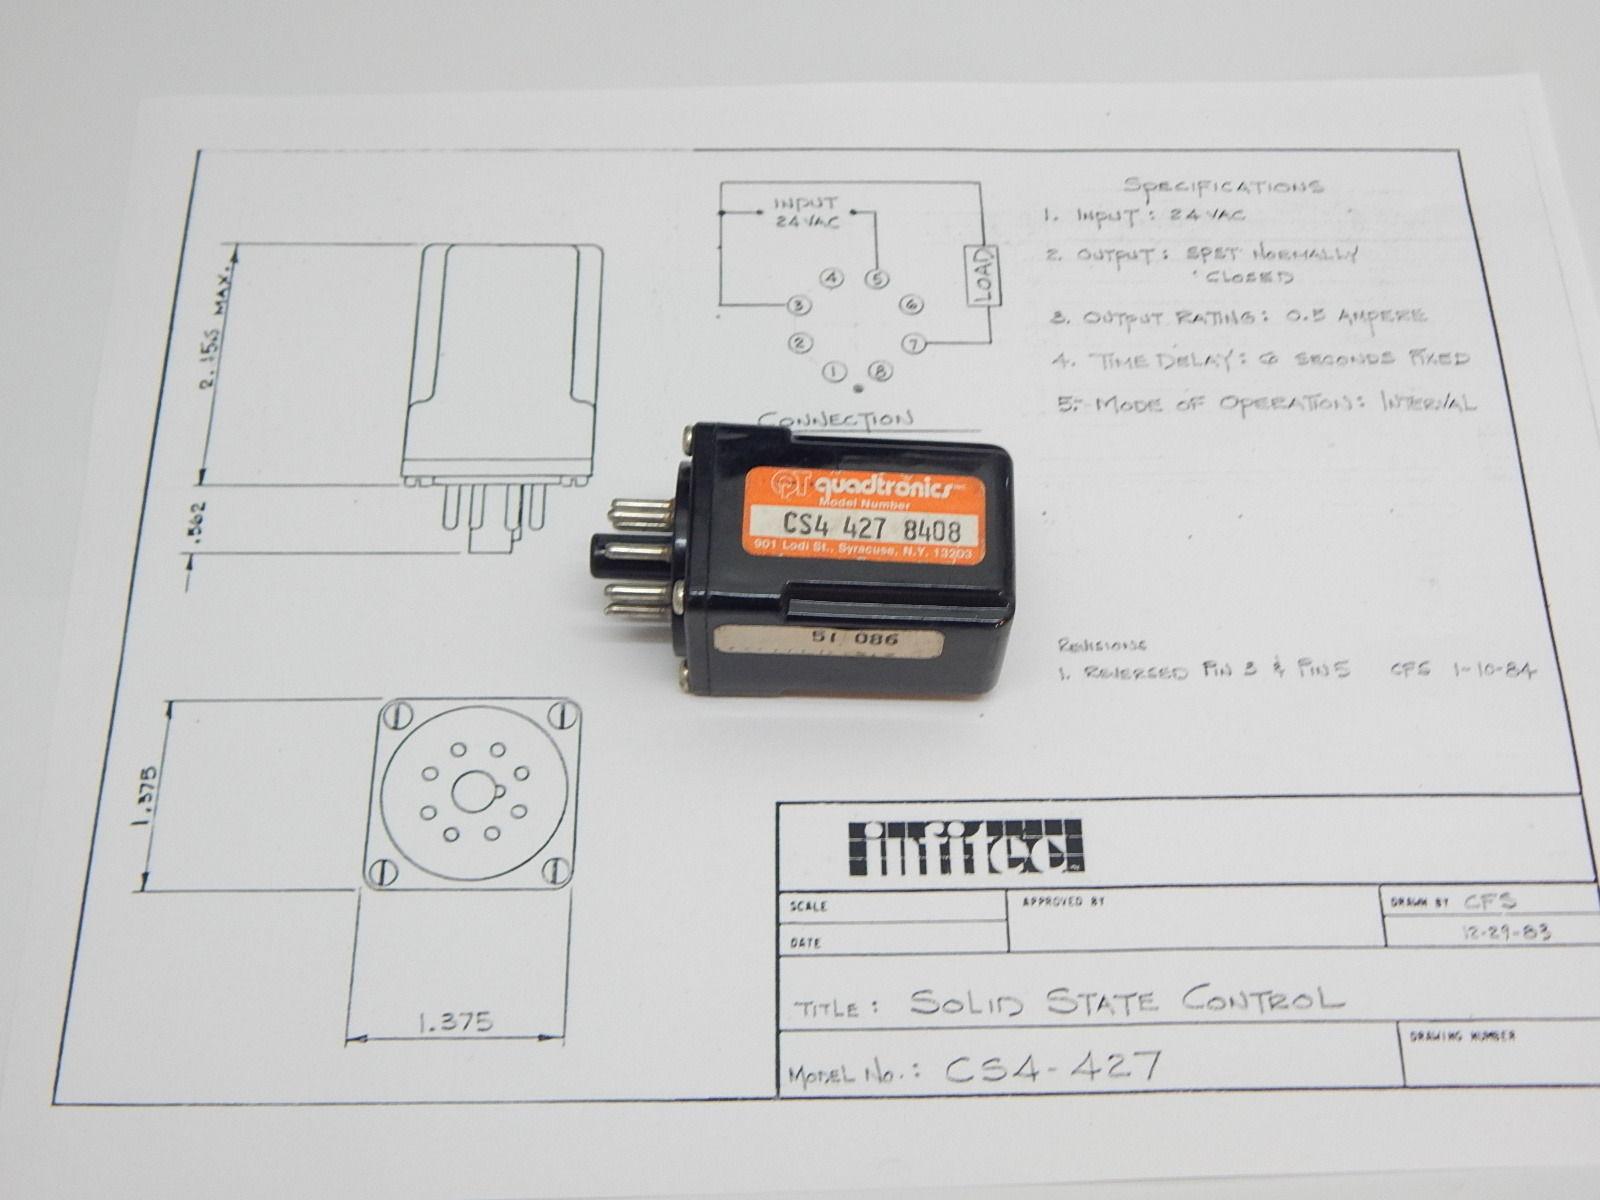 Infitec Time Delay Relay Circuit Digital Wiring Diagram Services 12 Volt Off Cs4 427 And 50 Similar Items Rh Bonanza Com Timer Schematic